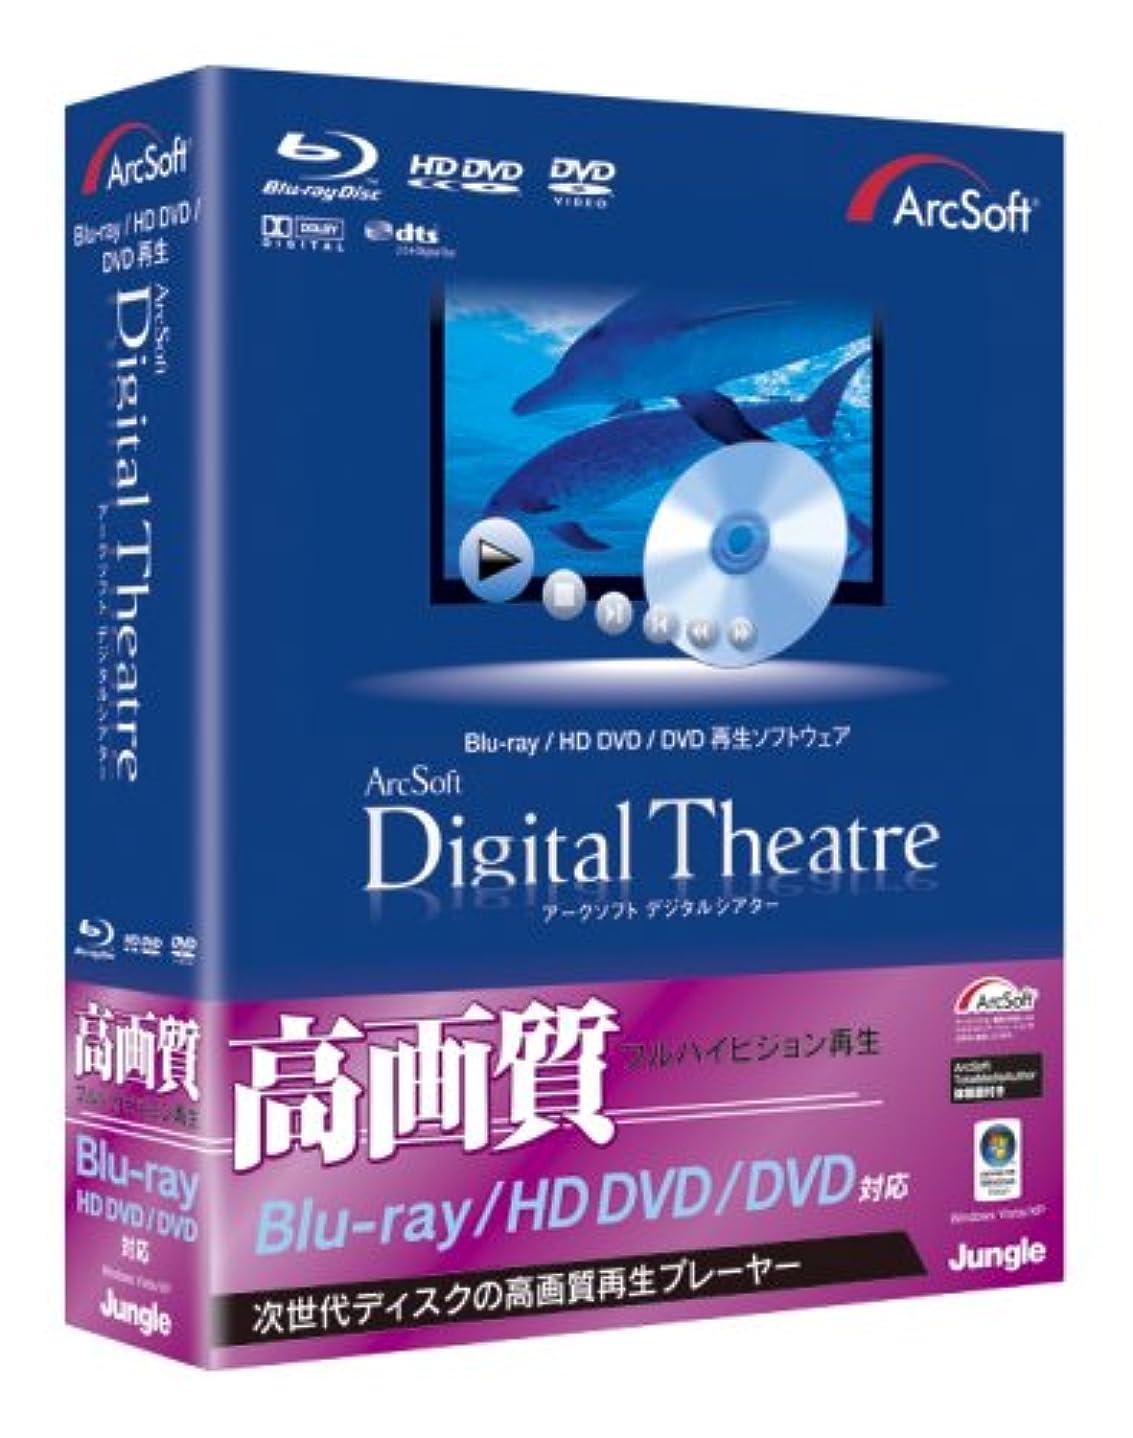 手順保証露骨なArcSoft DigitalTheatre